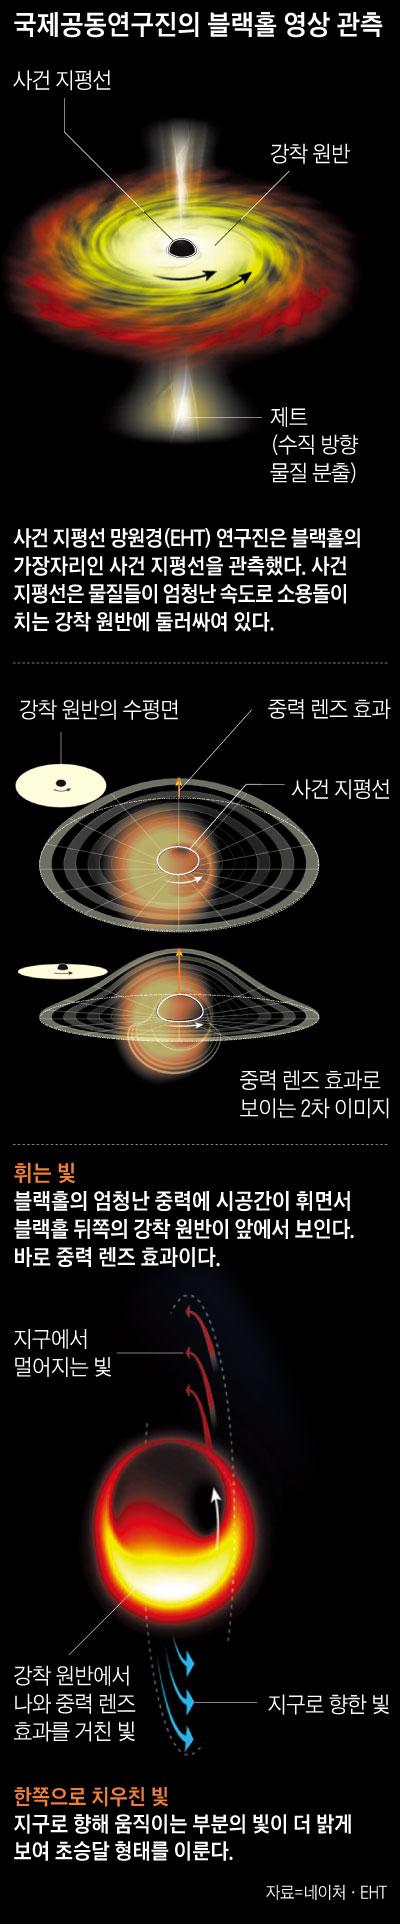 국제공동연구진의 블랙홀 영상 관측 그래픽